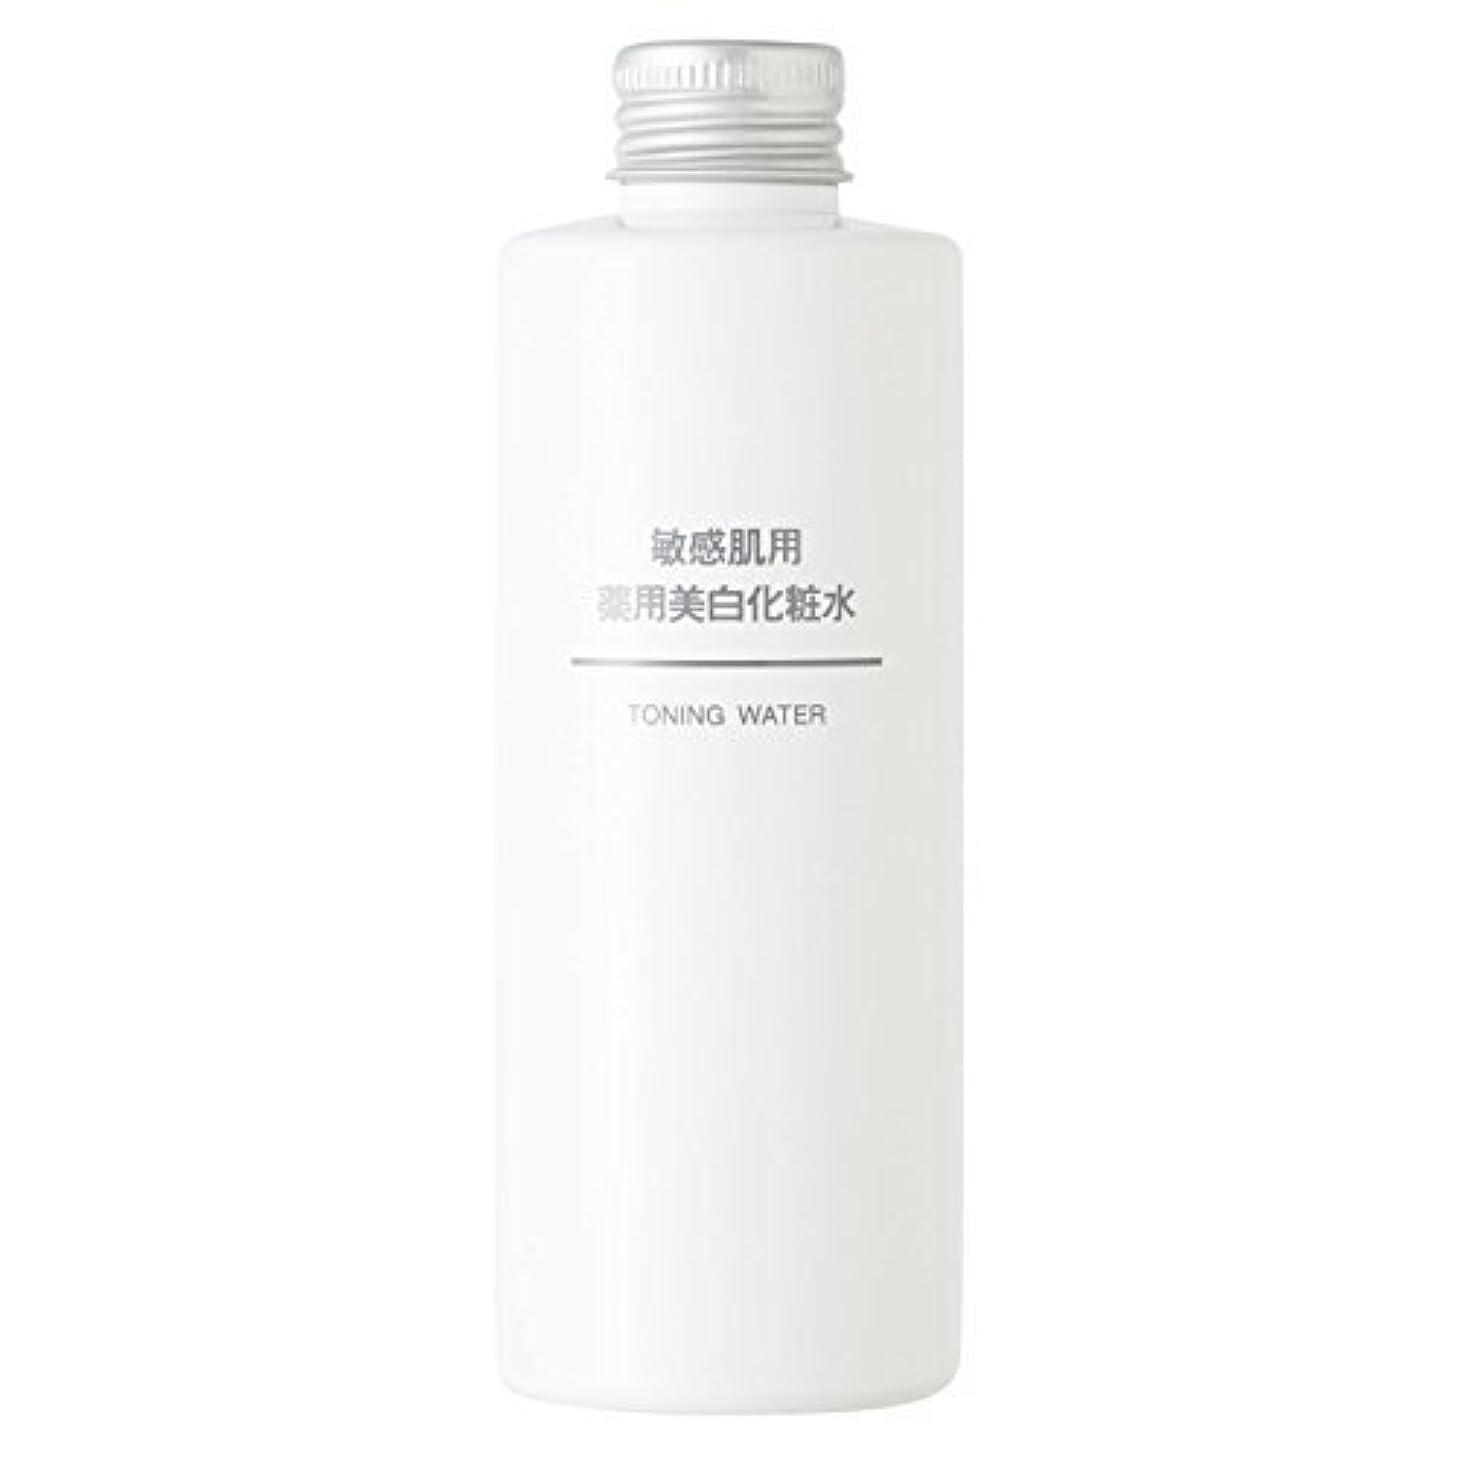 暗い踏み台スキャン無印良品 敏感肌用 薬用美白化粧水 (新)200ml